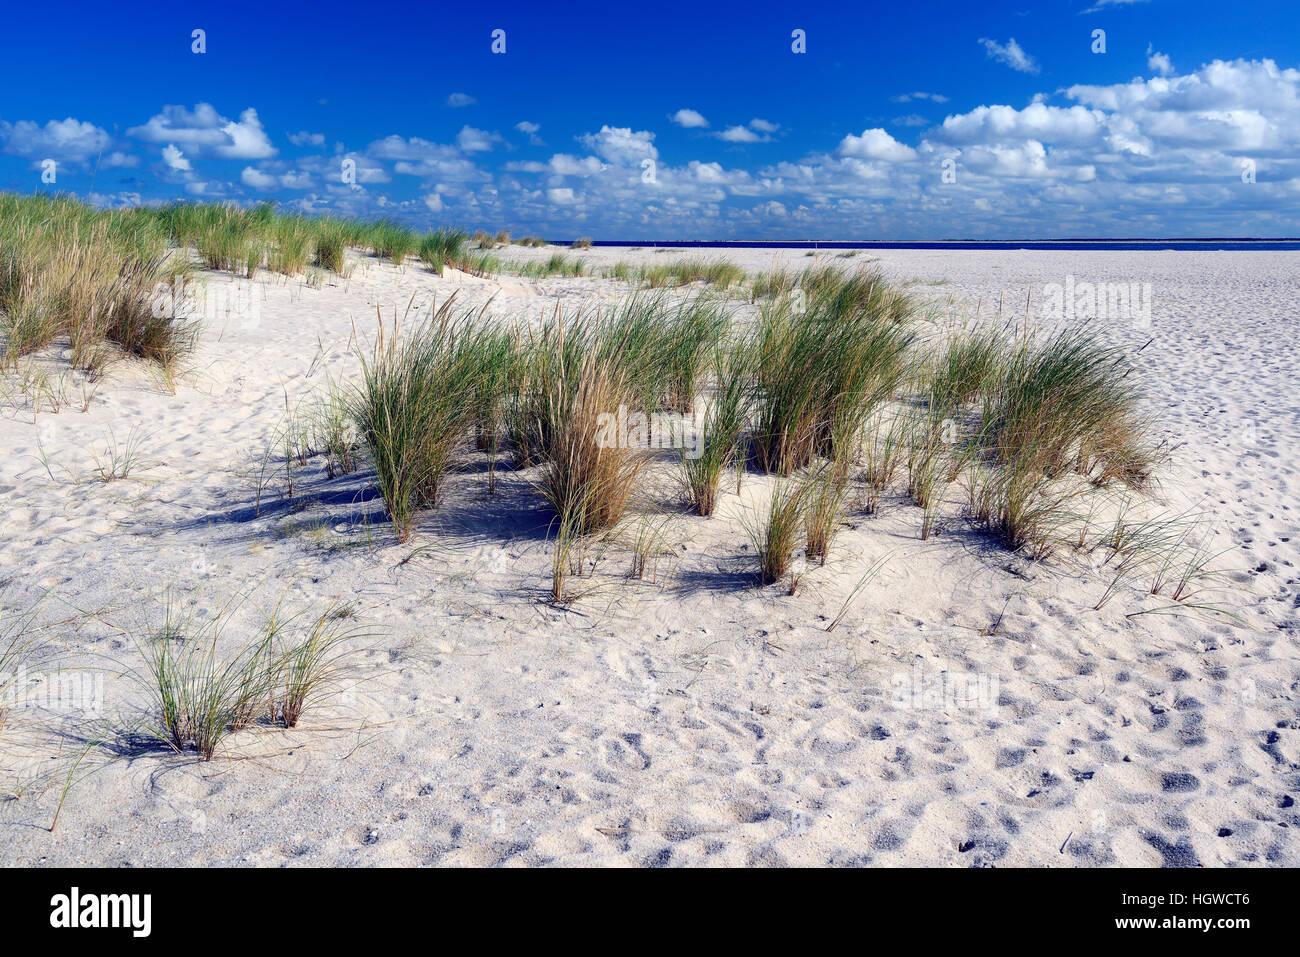 Duenen am Ellenbogen, elenco, Sylt, nordfriesische isole, Nordfriesland, Schleswig-Holstein, Germania Foto Stock